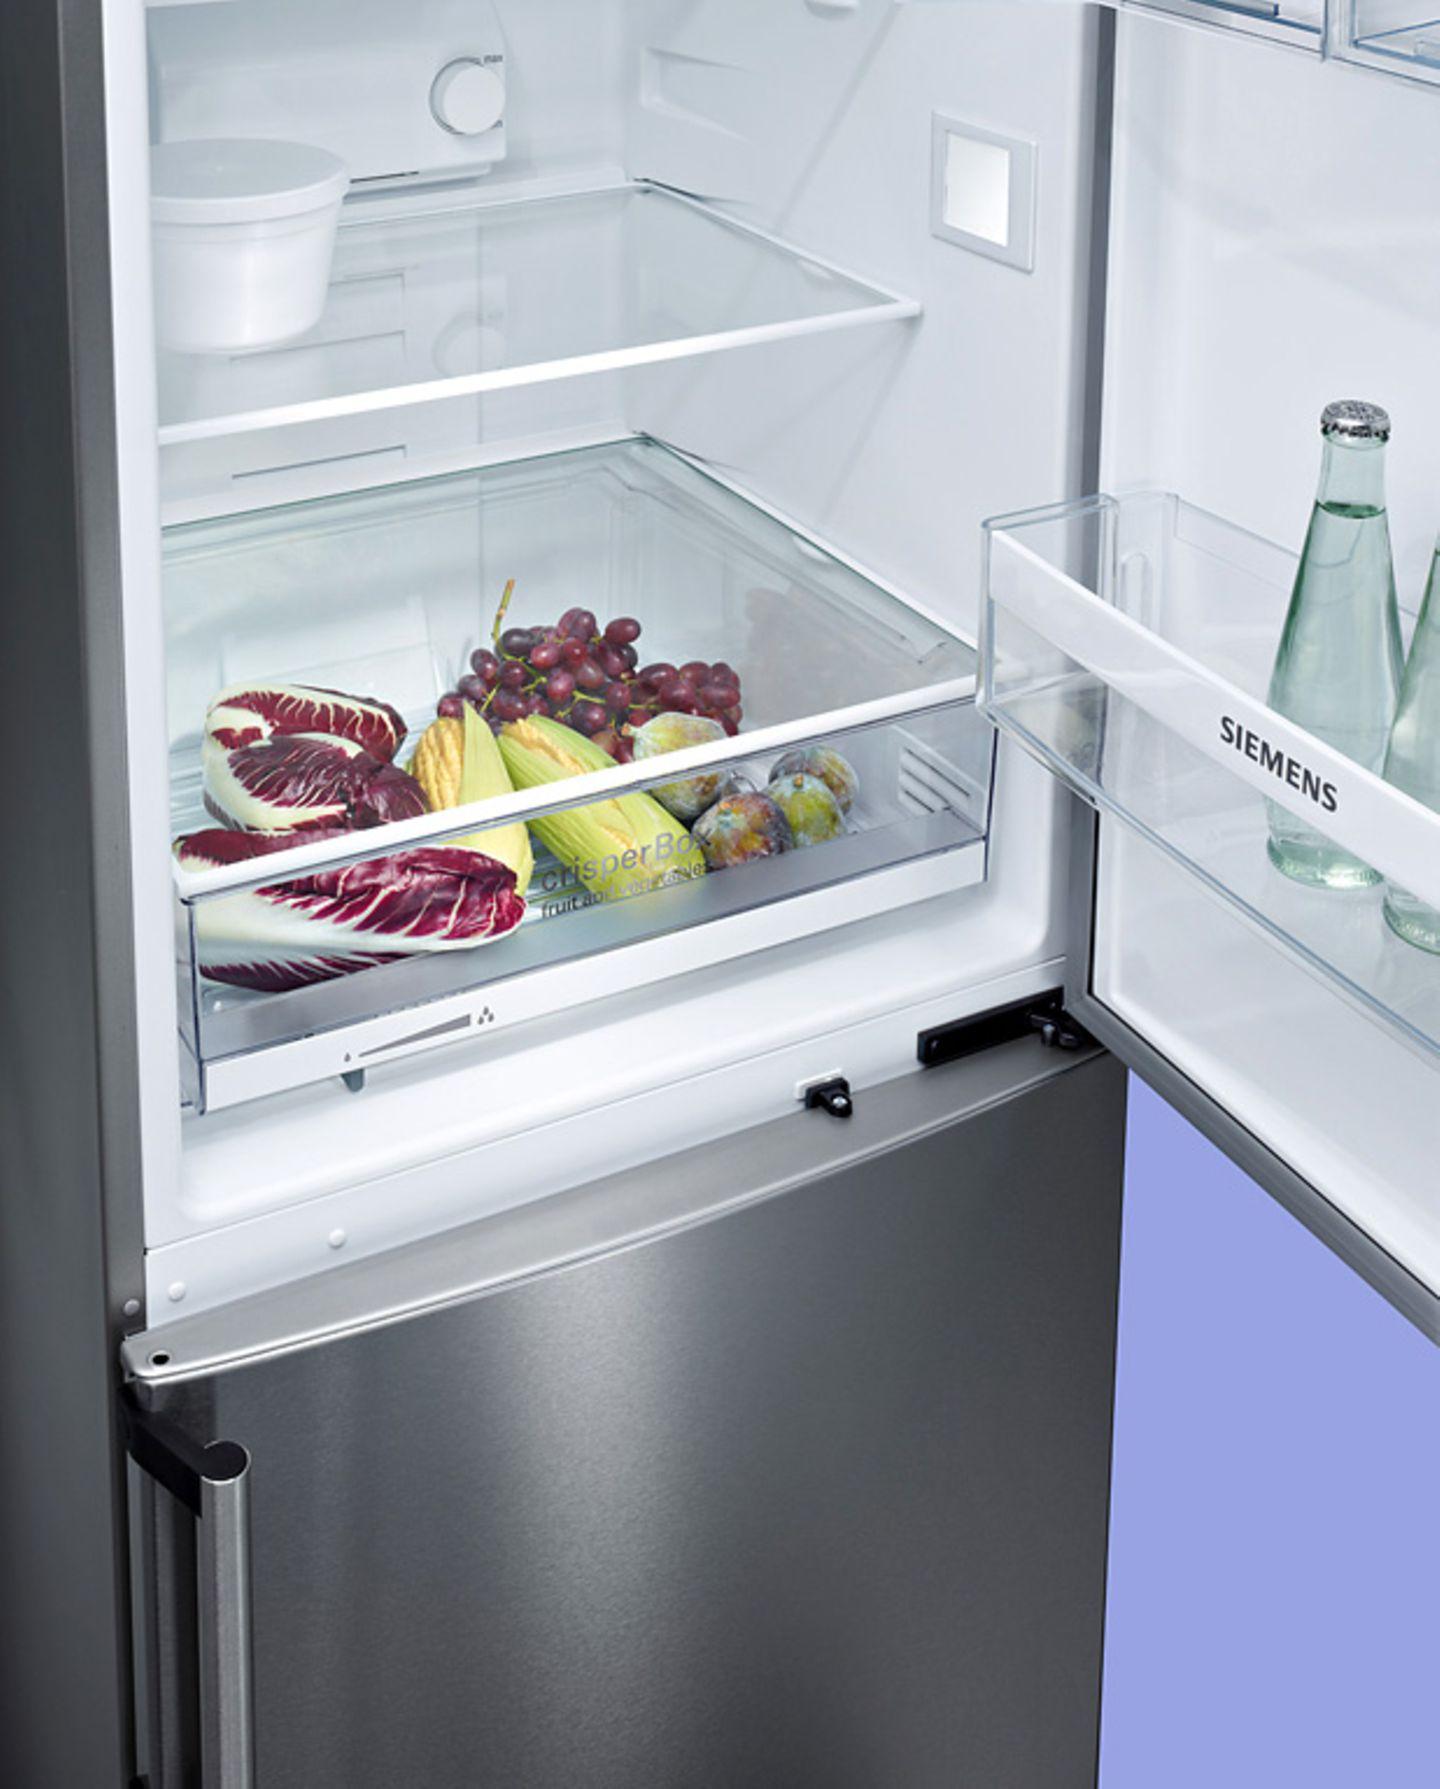 Was kann ich tun, um weniger Lebensmittel zu verschwenden? - Bild 8